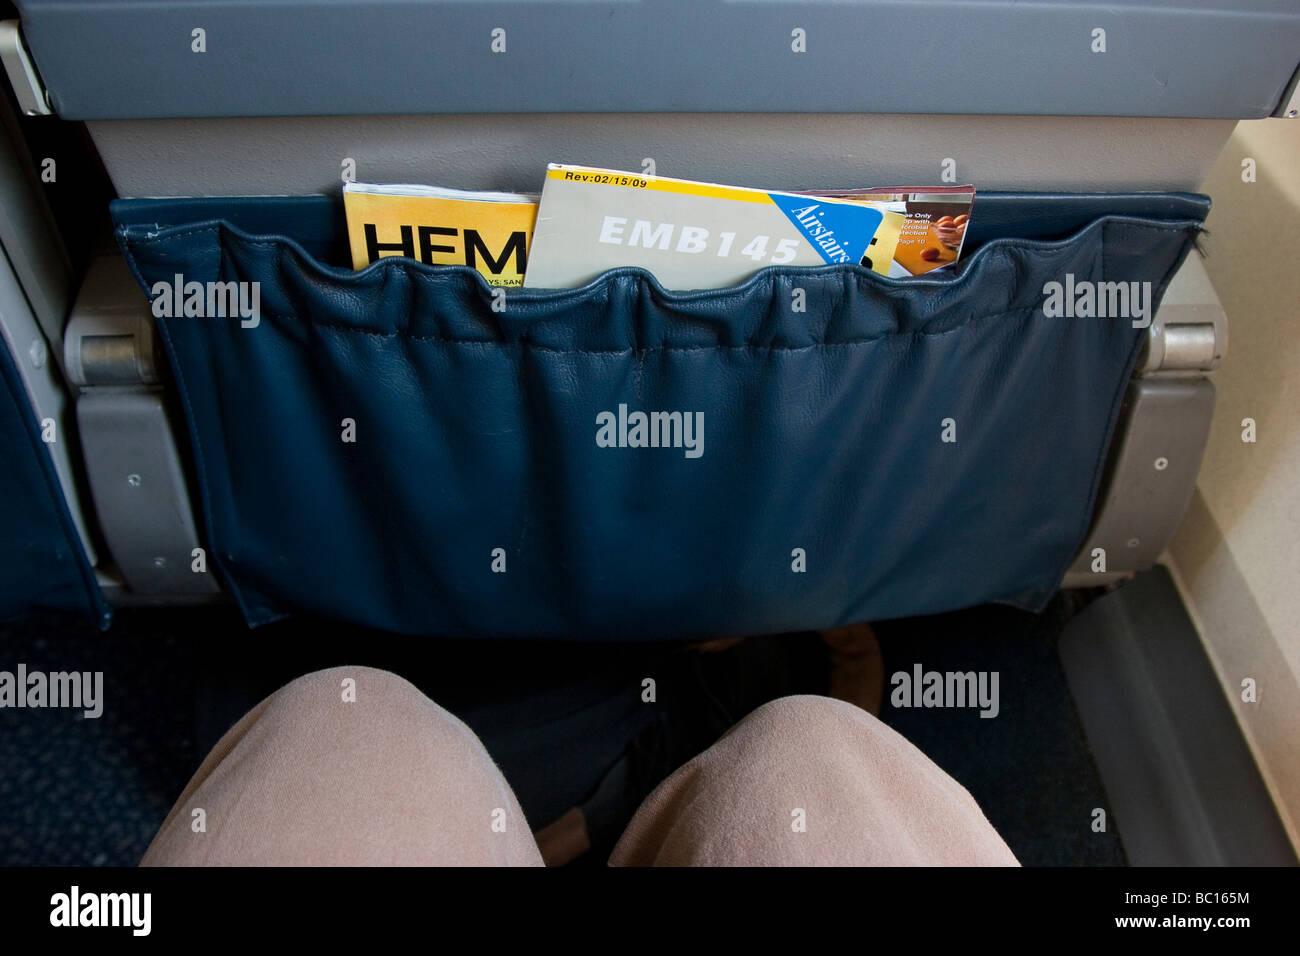 Mancanza di gamba-camera in aereo sede di economia Immagini Stock